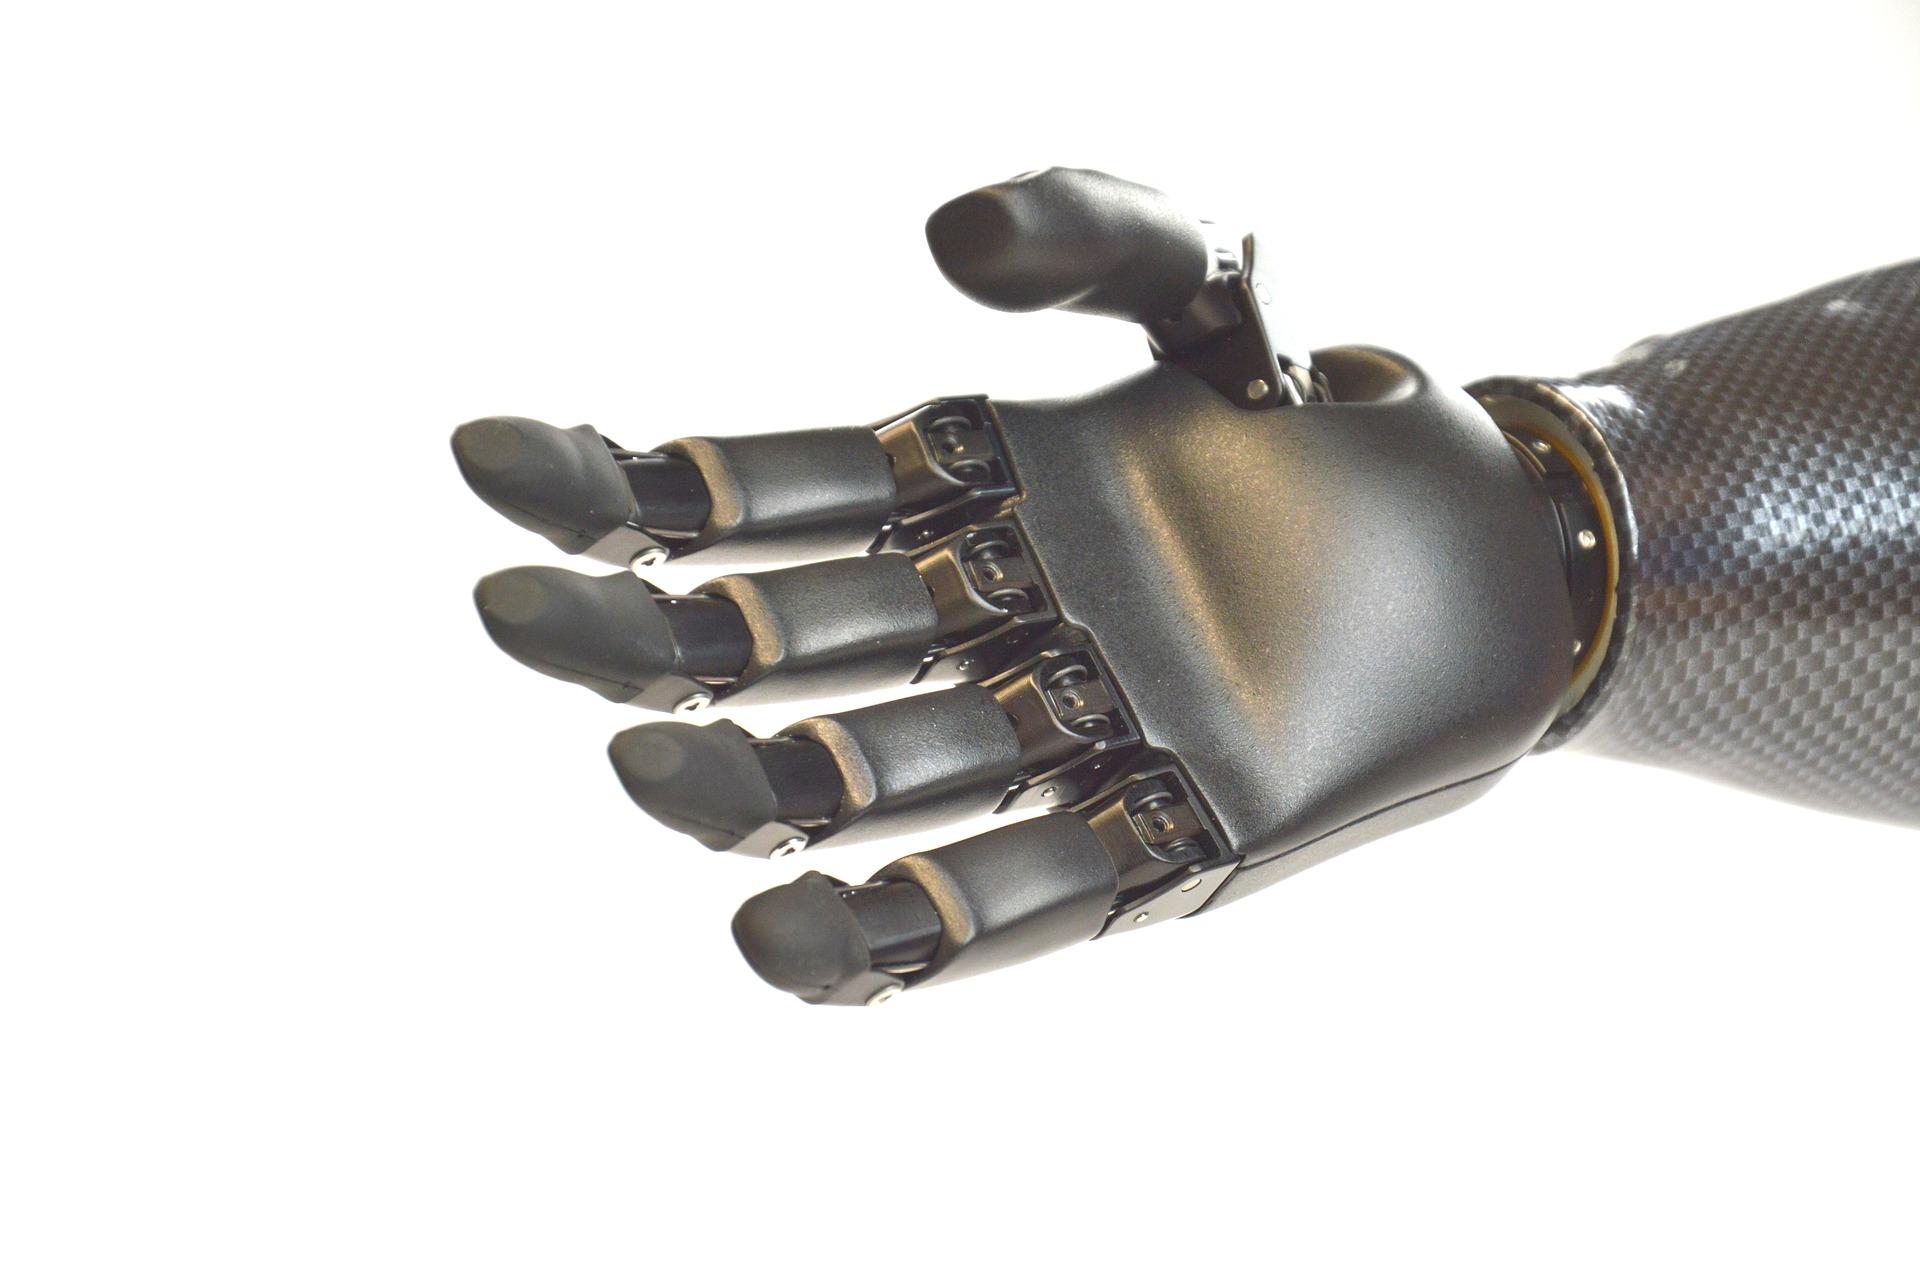 Obrázek: Desetiletá vědecká práce plodí ovoce, pokročilá bionická protéza může vrátit cit do ruky amputovaným jedincům